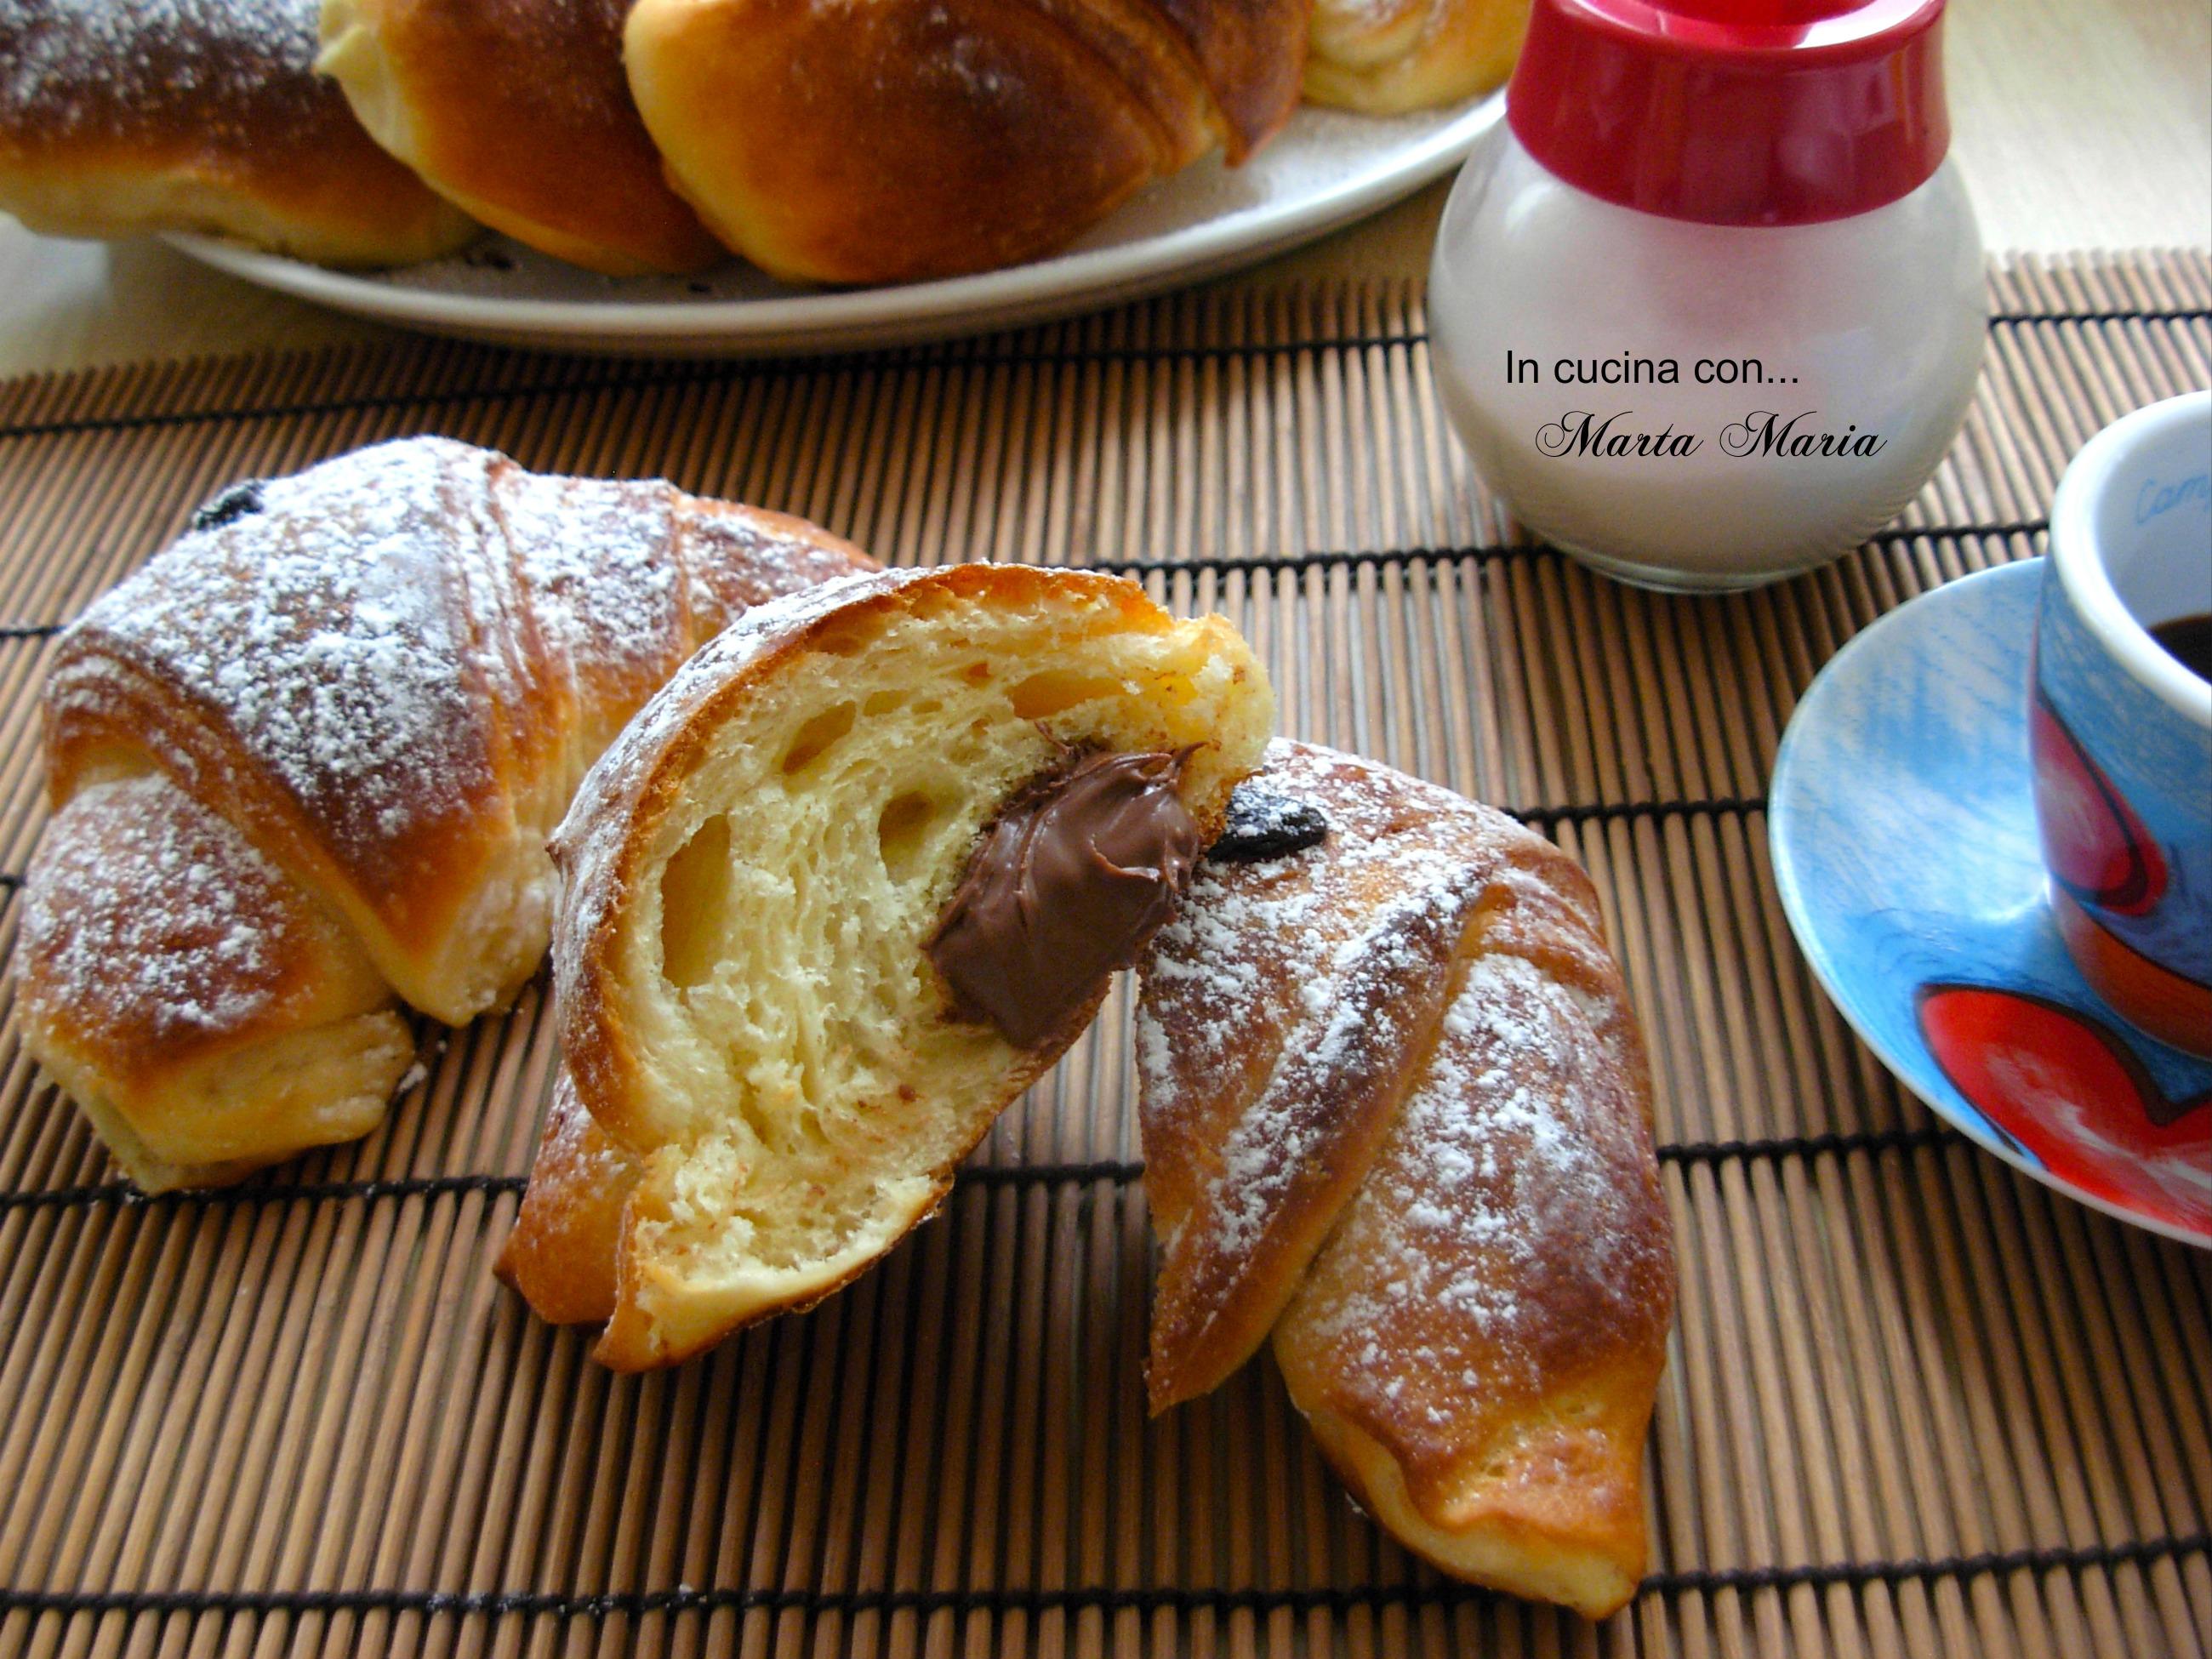 Torta soffice alla marmellata - In Cucina con ... Marta Maria